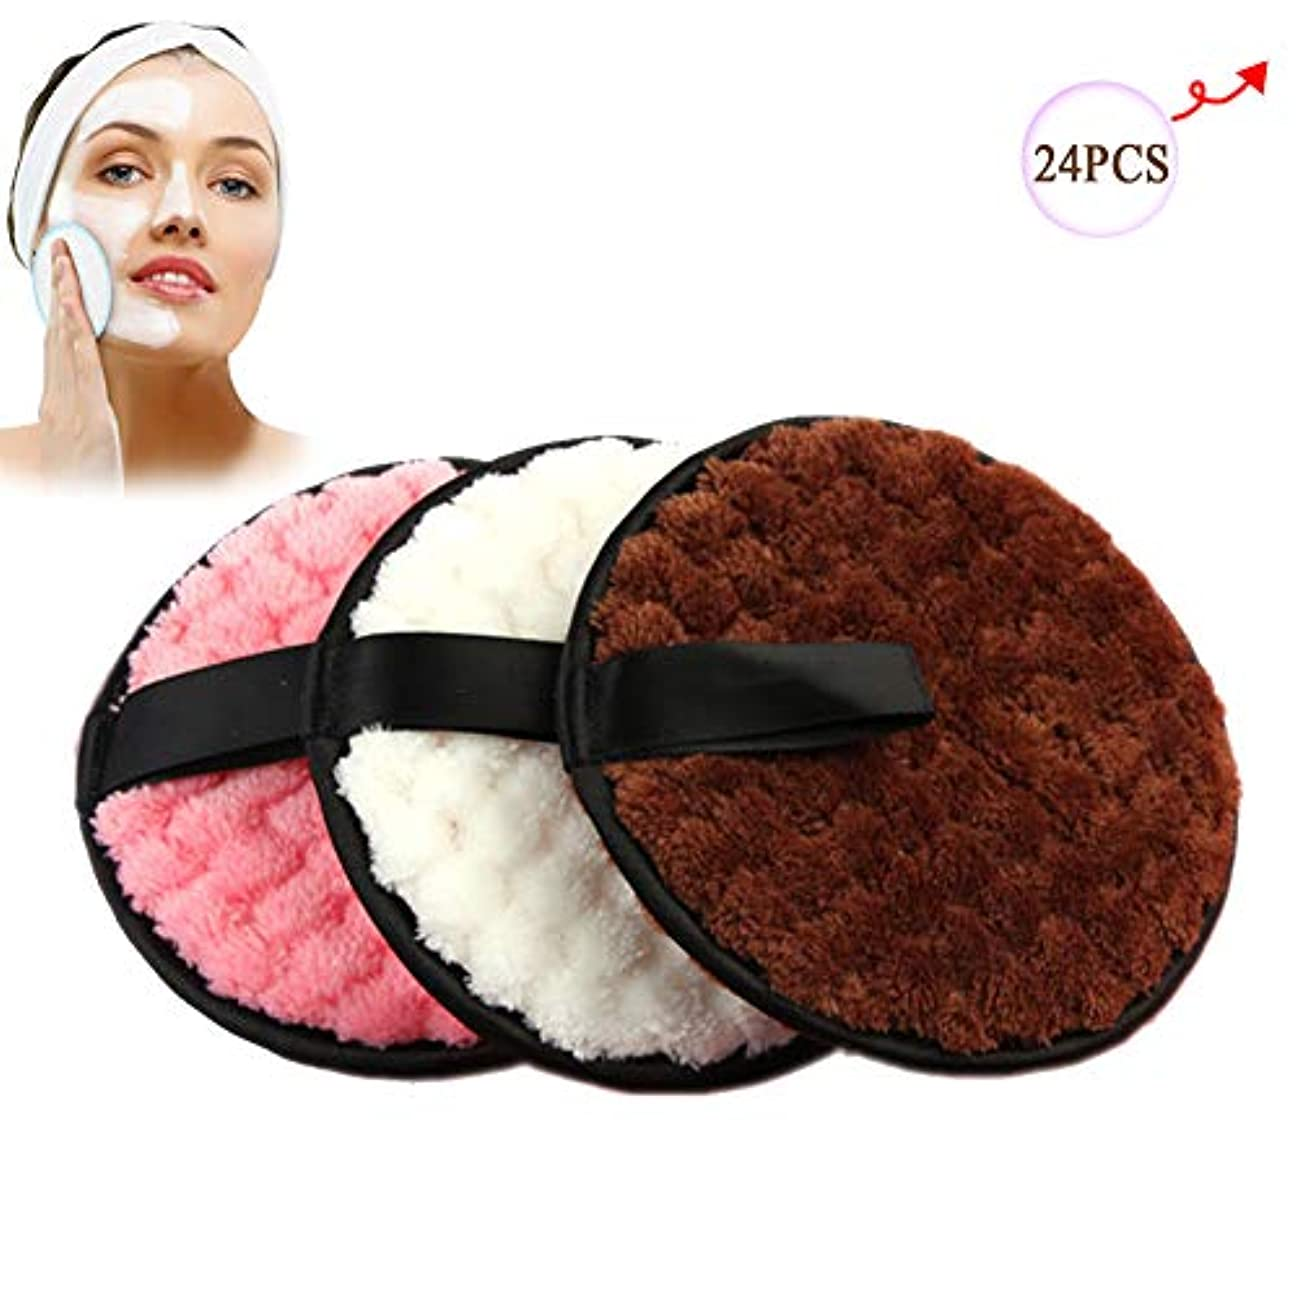 特別なブロック座るリムーバーパッド、再利用可能なクレンジングコットンファイバー吸収性綿パッド女性のための顔/目/唇,24PCS